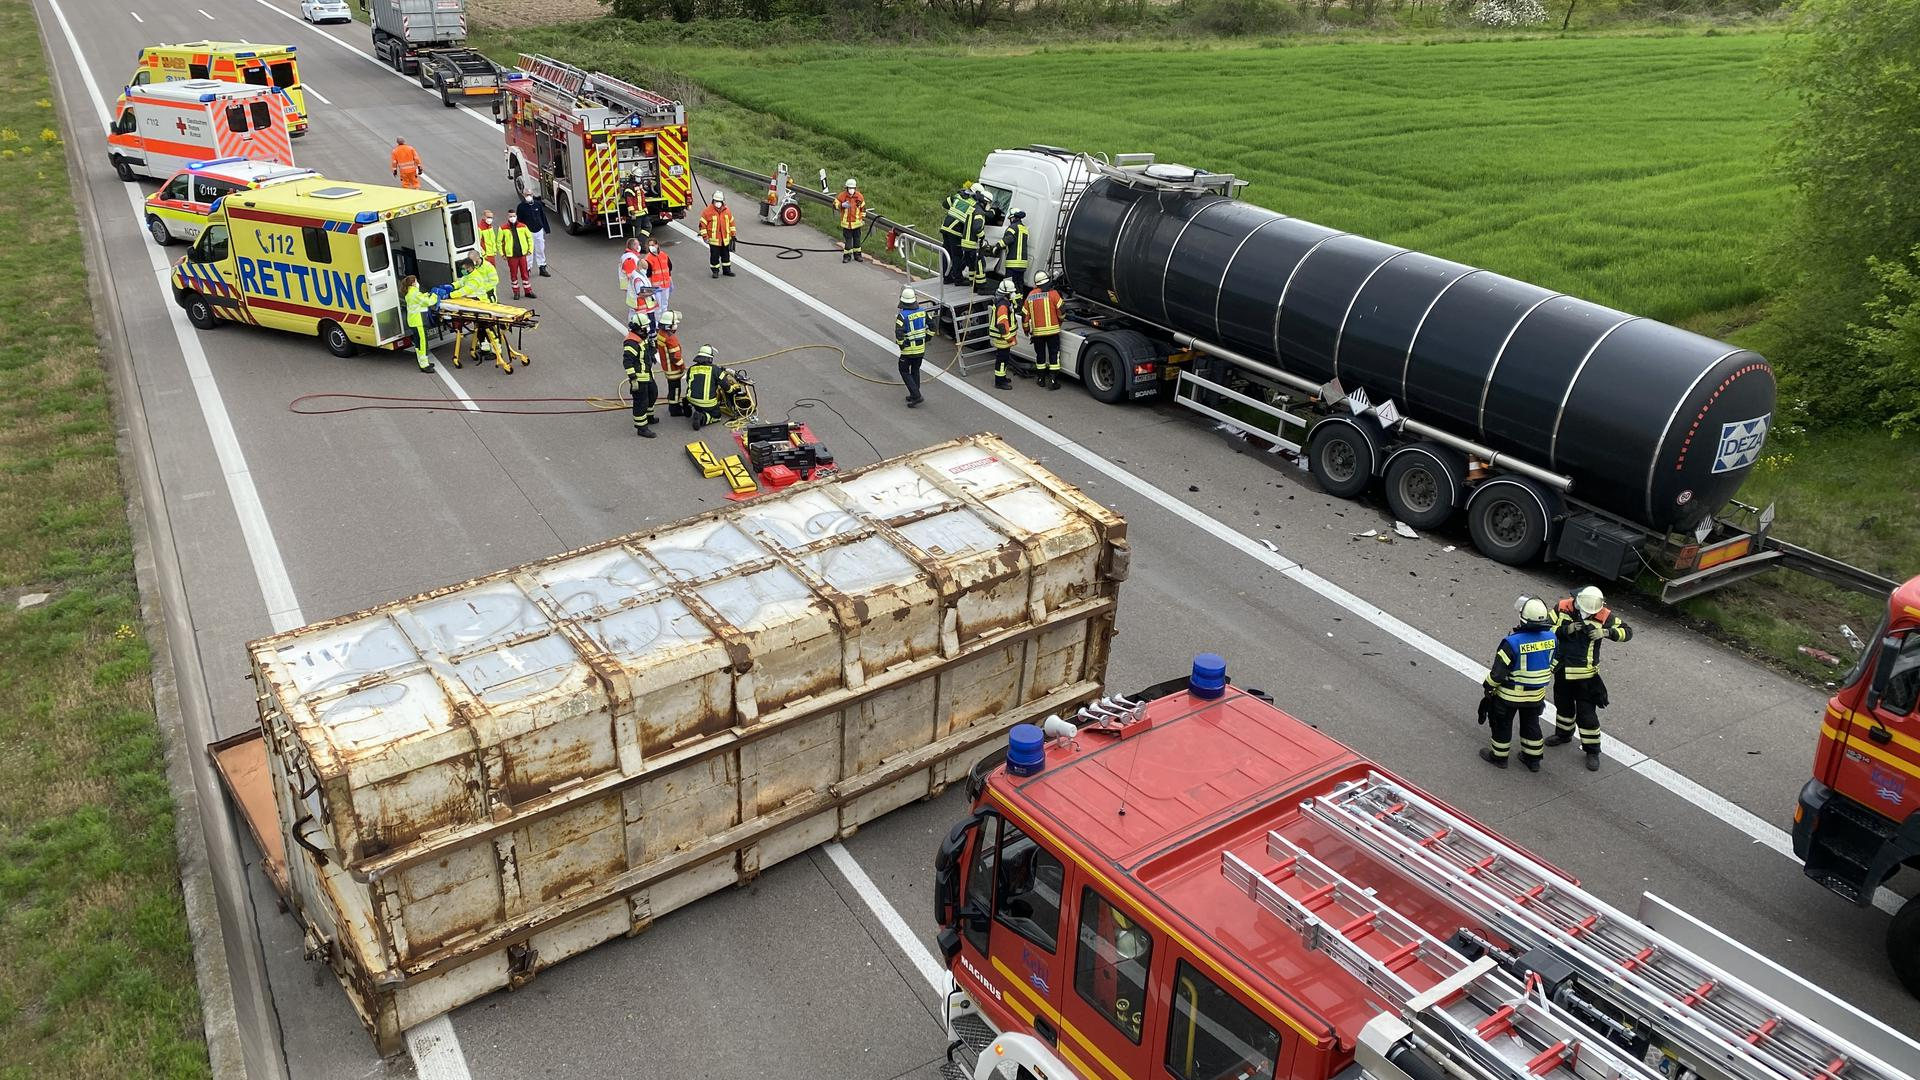 Die A5 ist bei Appenweier gesperrt worden, nachdem ein Gefahrgut-LKW (rechts) auf einen weiteren Lkw aufgefahren war. Ein Container stürzte bei der Kollision auf die Fahrbahn